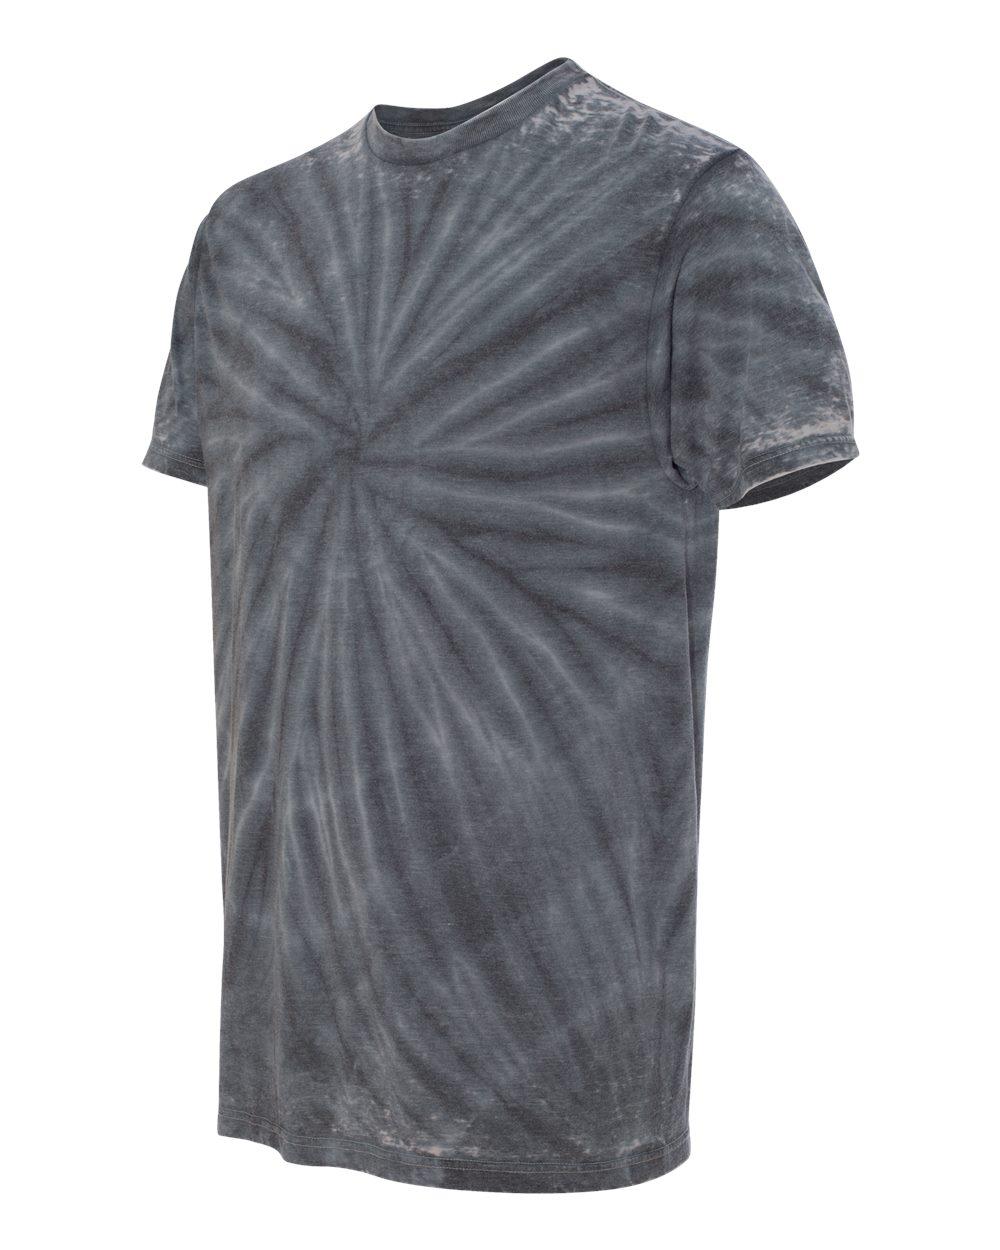 Dyenomite 650VRX - Vintage Festival T-Shirt